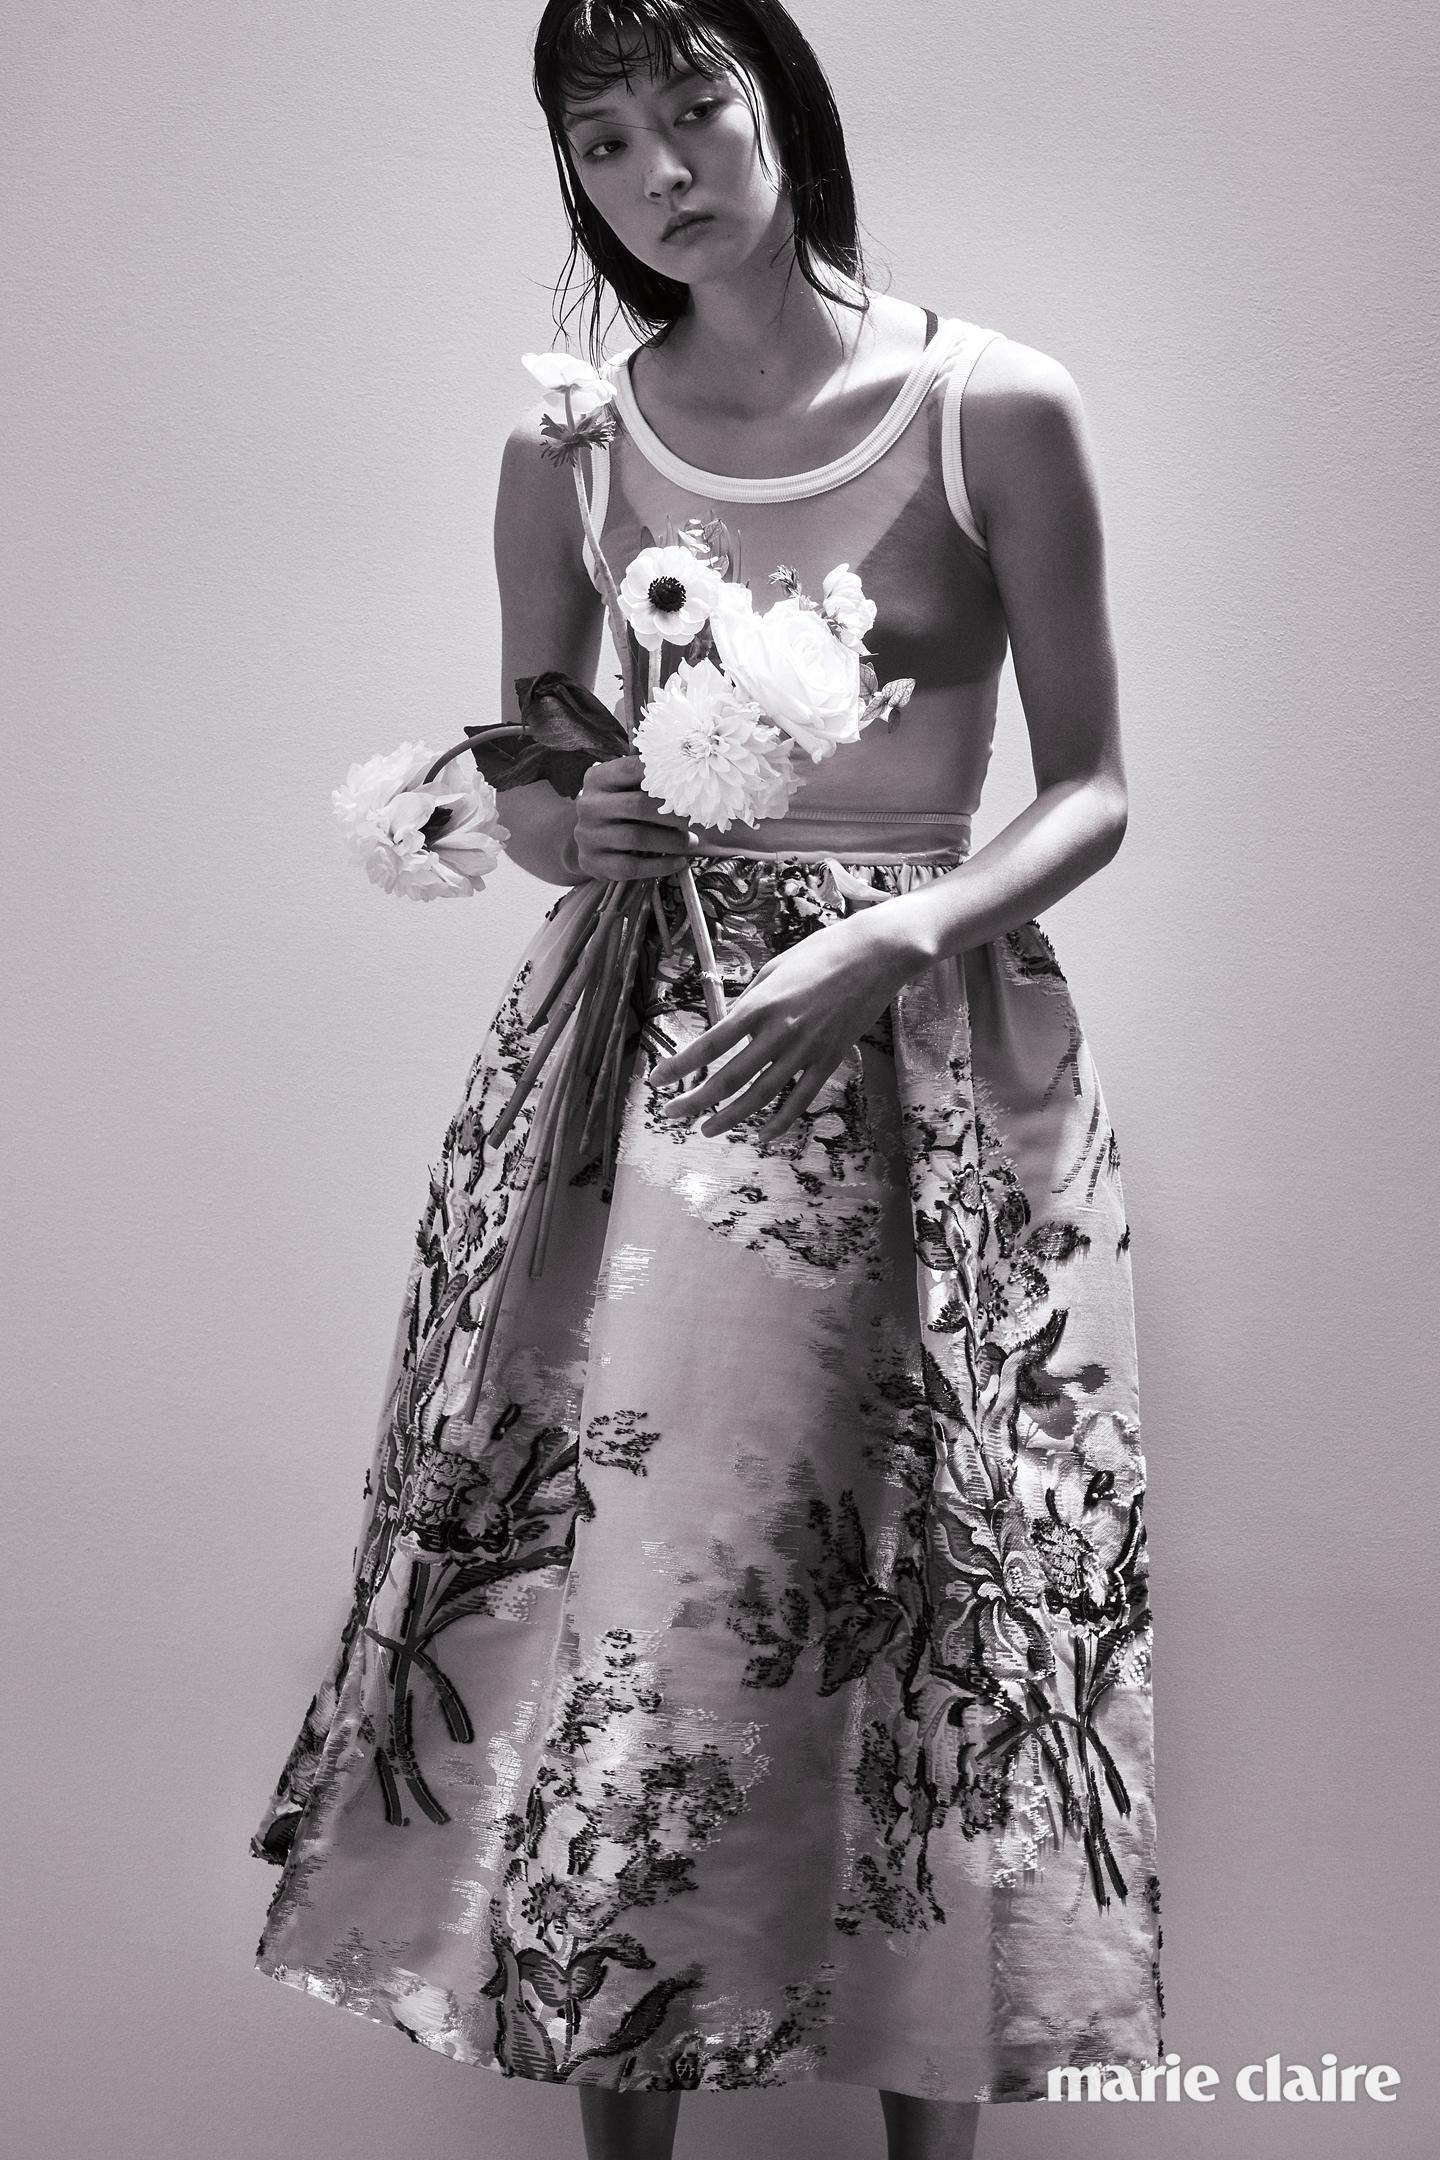 시스루 슬리브리스 톱 가격 미정 지방시(Givenchy), 풍성한 벌룬 스커트 펜디(Fendi),블랙 브래지어는 에디터 소장품.